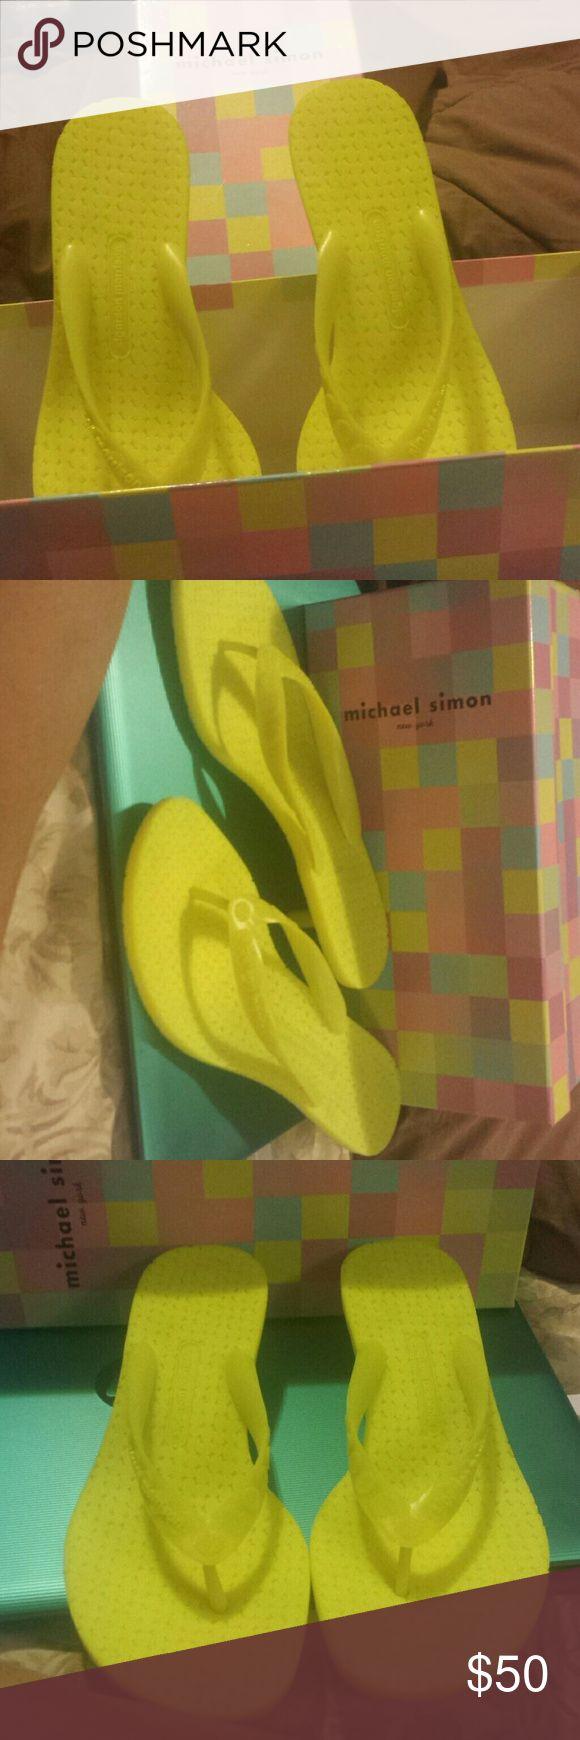 Brand new Sigerson Morrison Sandals Authentic bright yellow sigerson morrison thons Sigerson Morrison Shoes Sandals